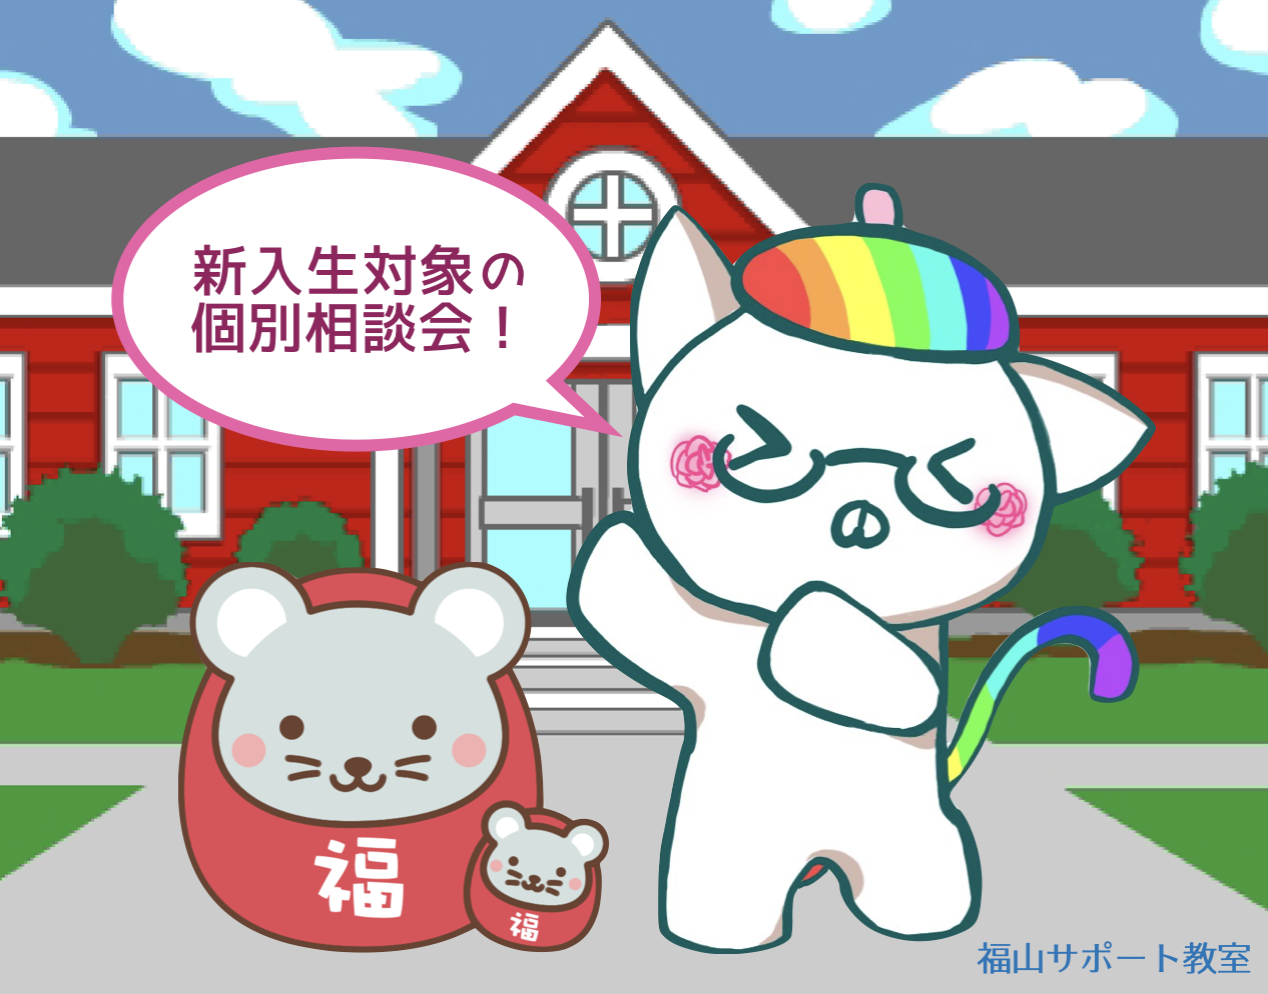 【福山】新入生対象の個別相談会